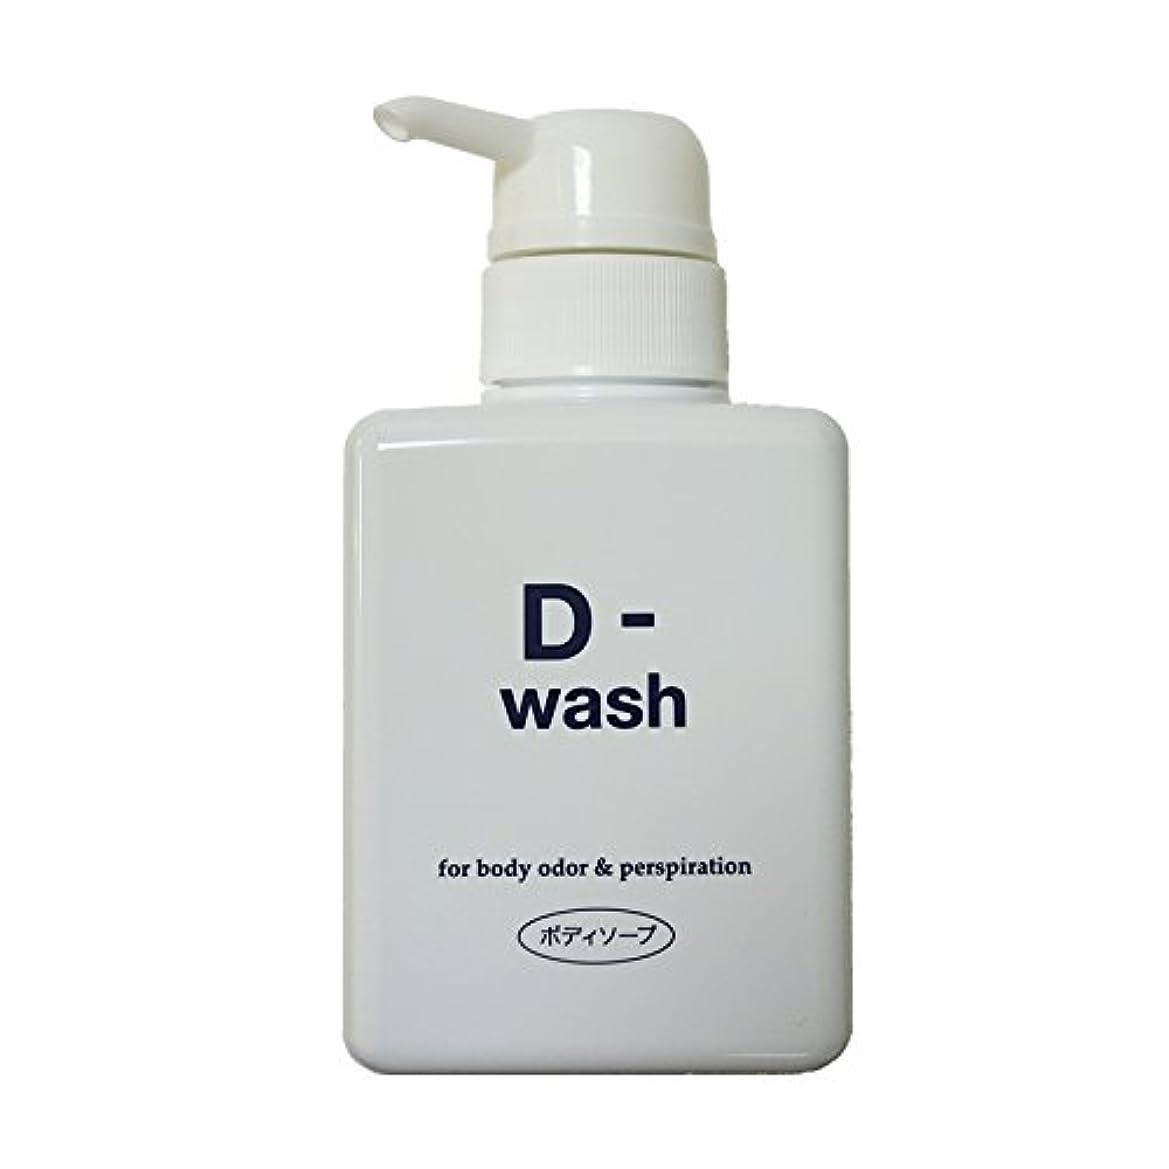 フィードオン不規則性現実にはディーウォッシュ(D-wash)